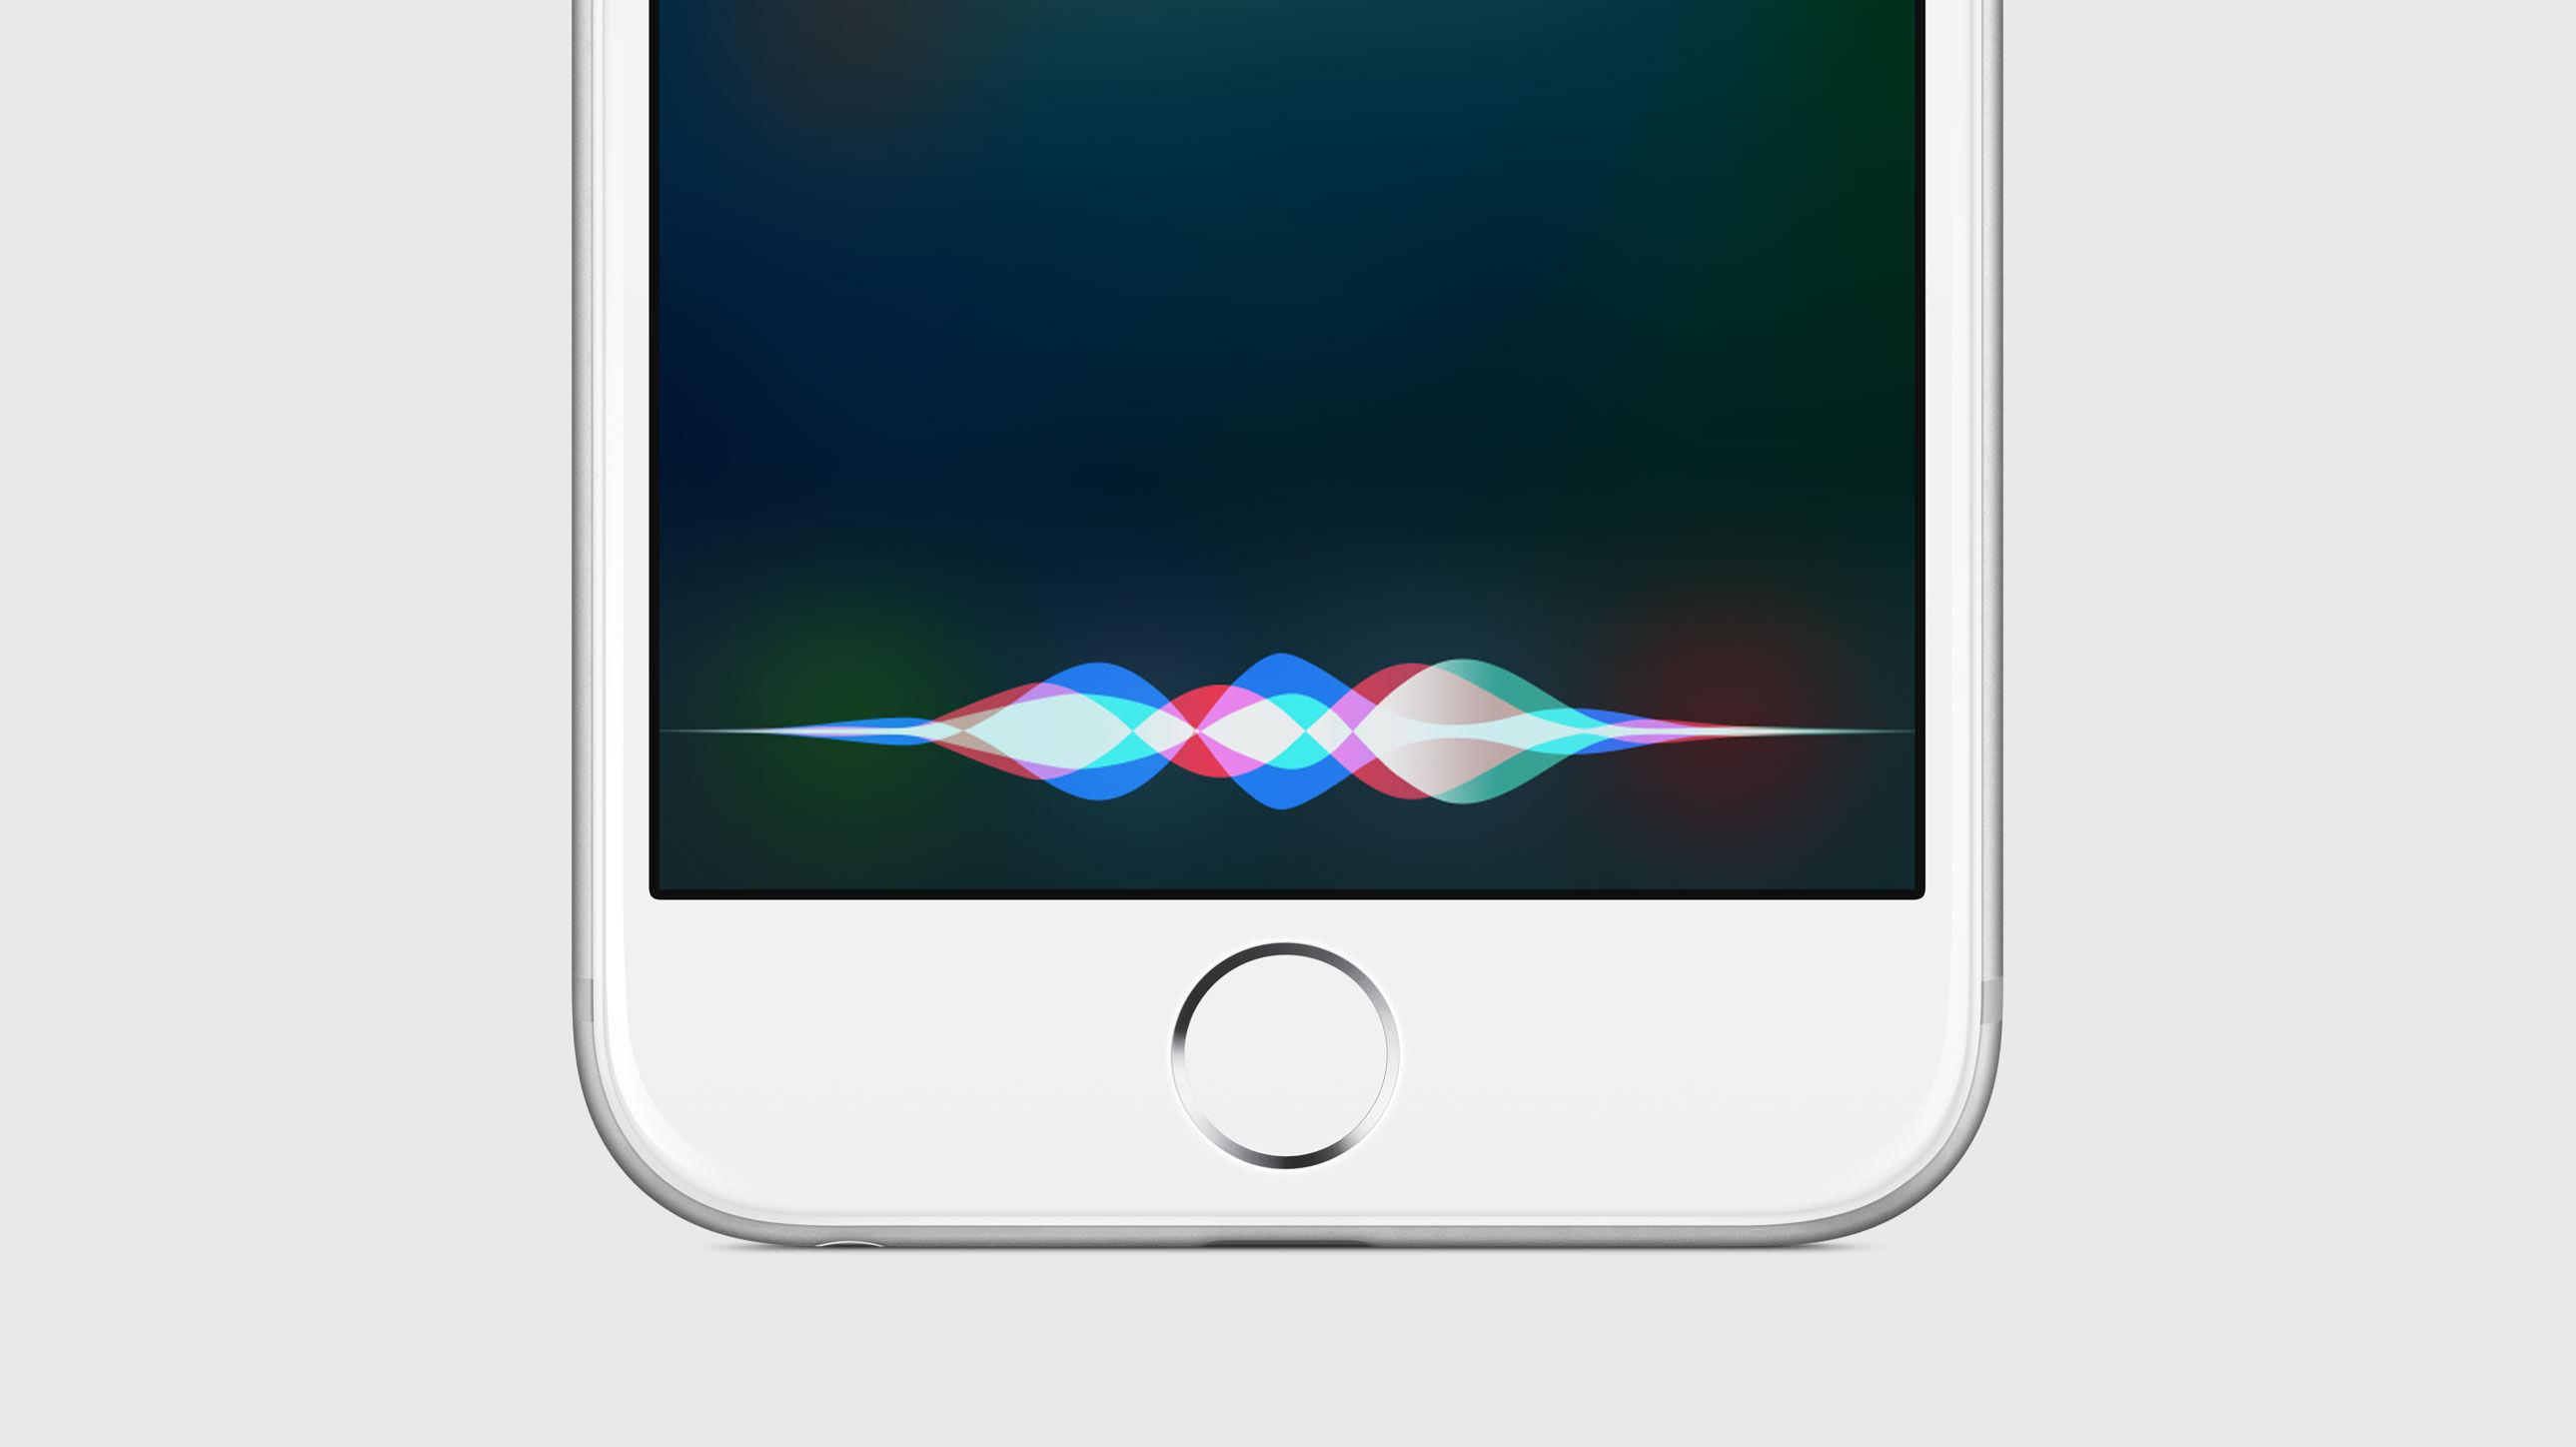 ¿Cómo se llama a Siri?